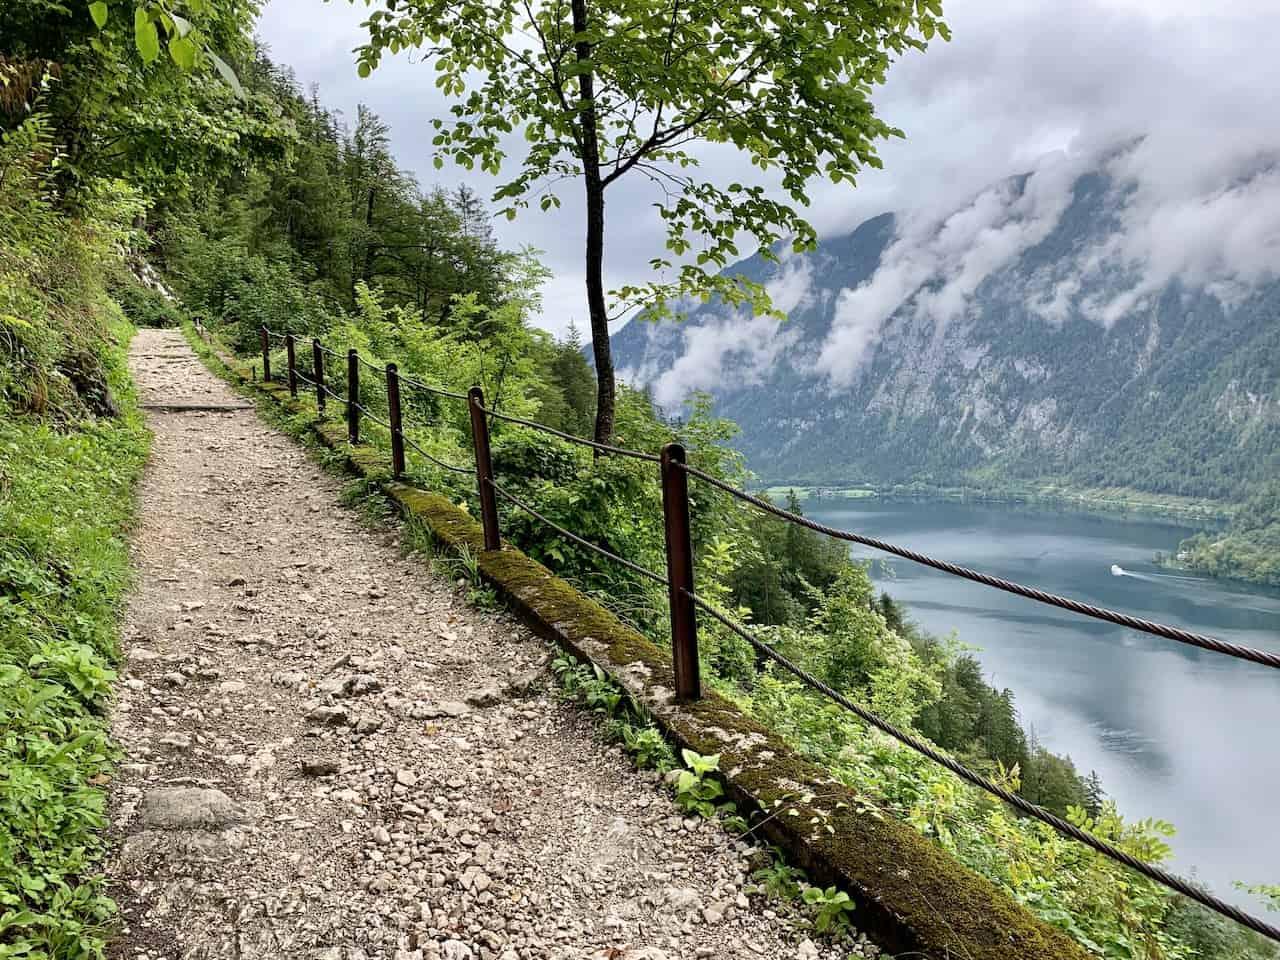 Hallstatt Hiking Trail